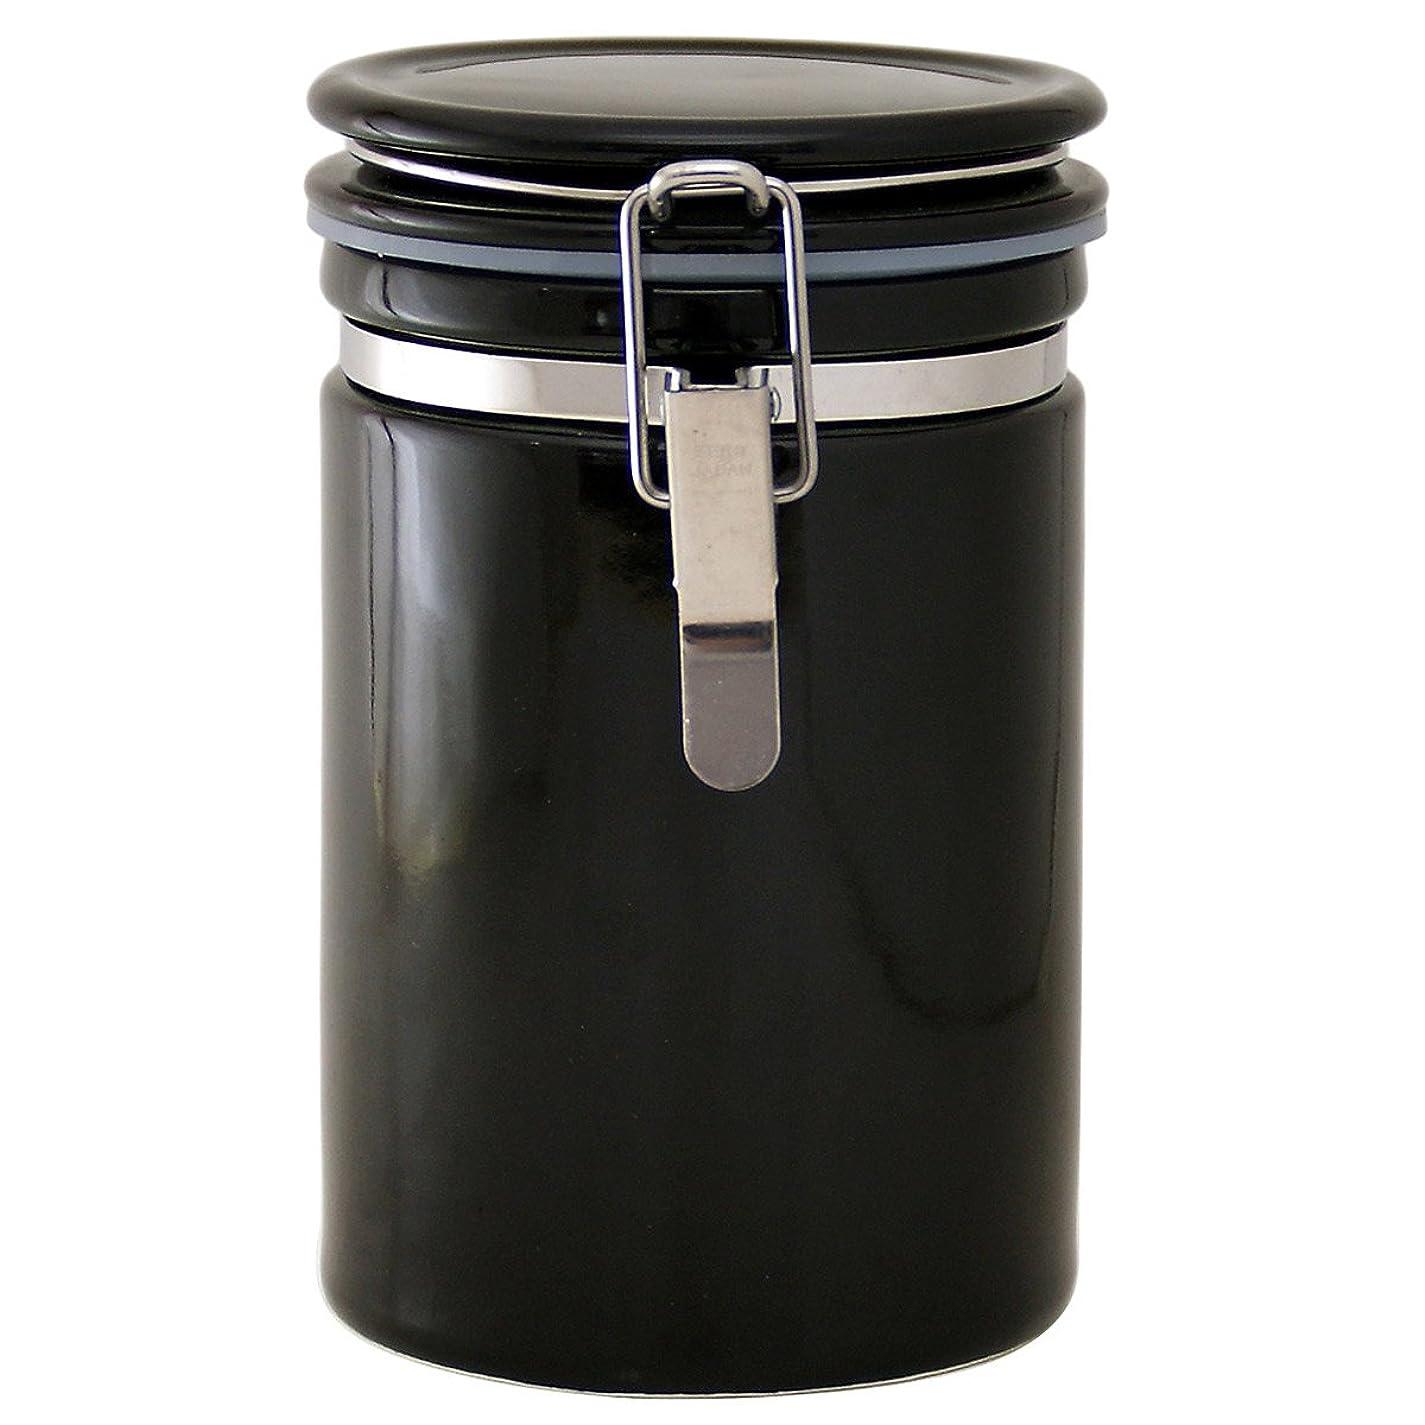 備品レーストライアスロンZEROJAPAN コーヒーキャニスター200 ブラック CO-200 BK